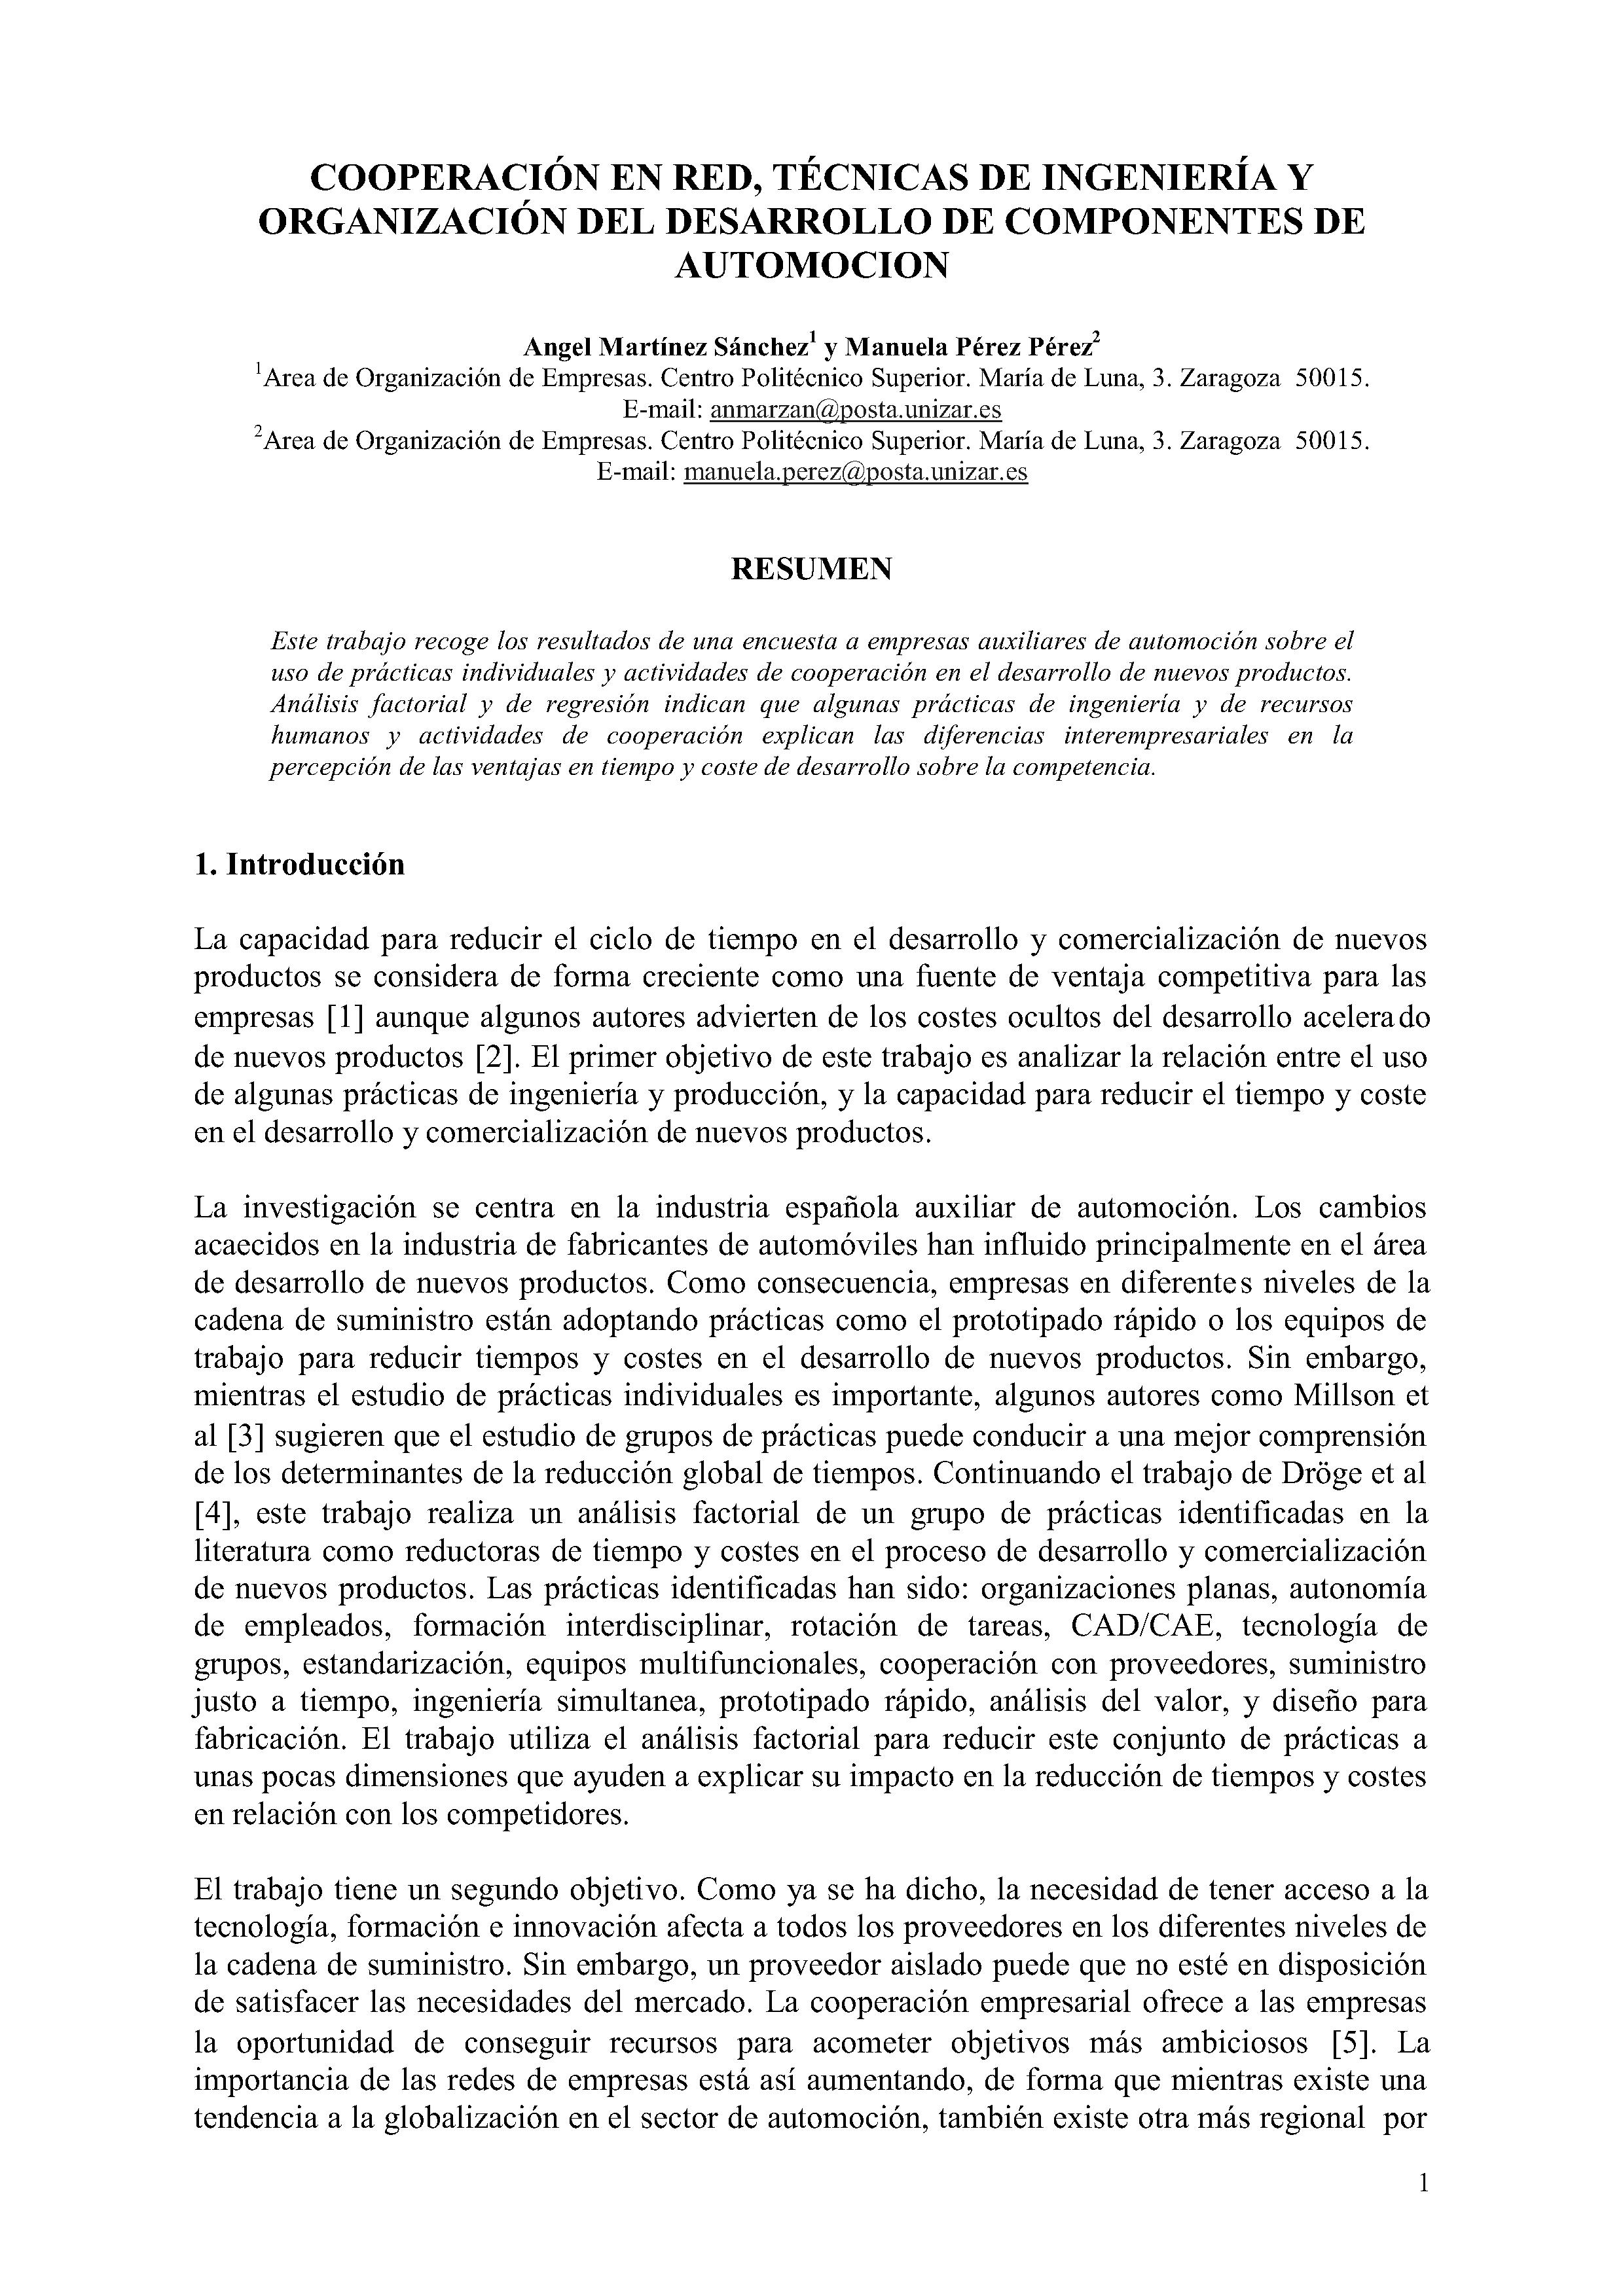 COOPERACIÓN EN RED, TÉCNICAS DE INGENIERÍA Y ORGANIZACIÓN DEL DESARROLLO DE COMPONENTES DE AUTOMOCION